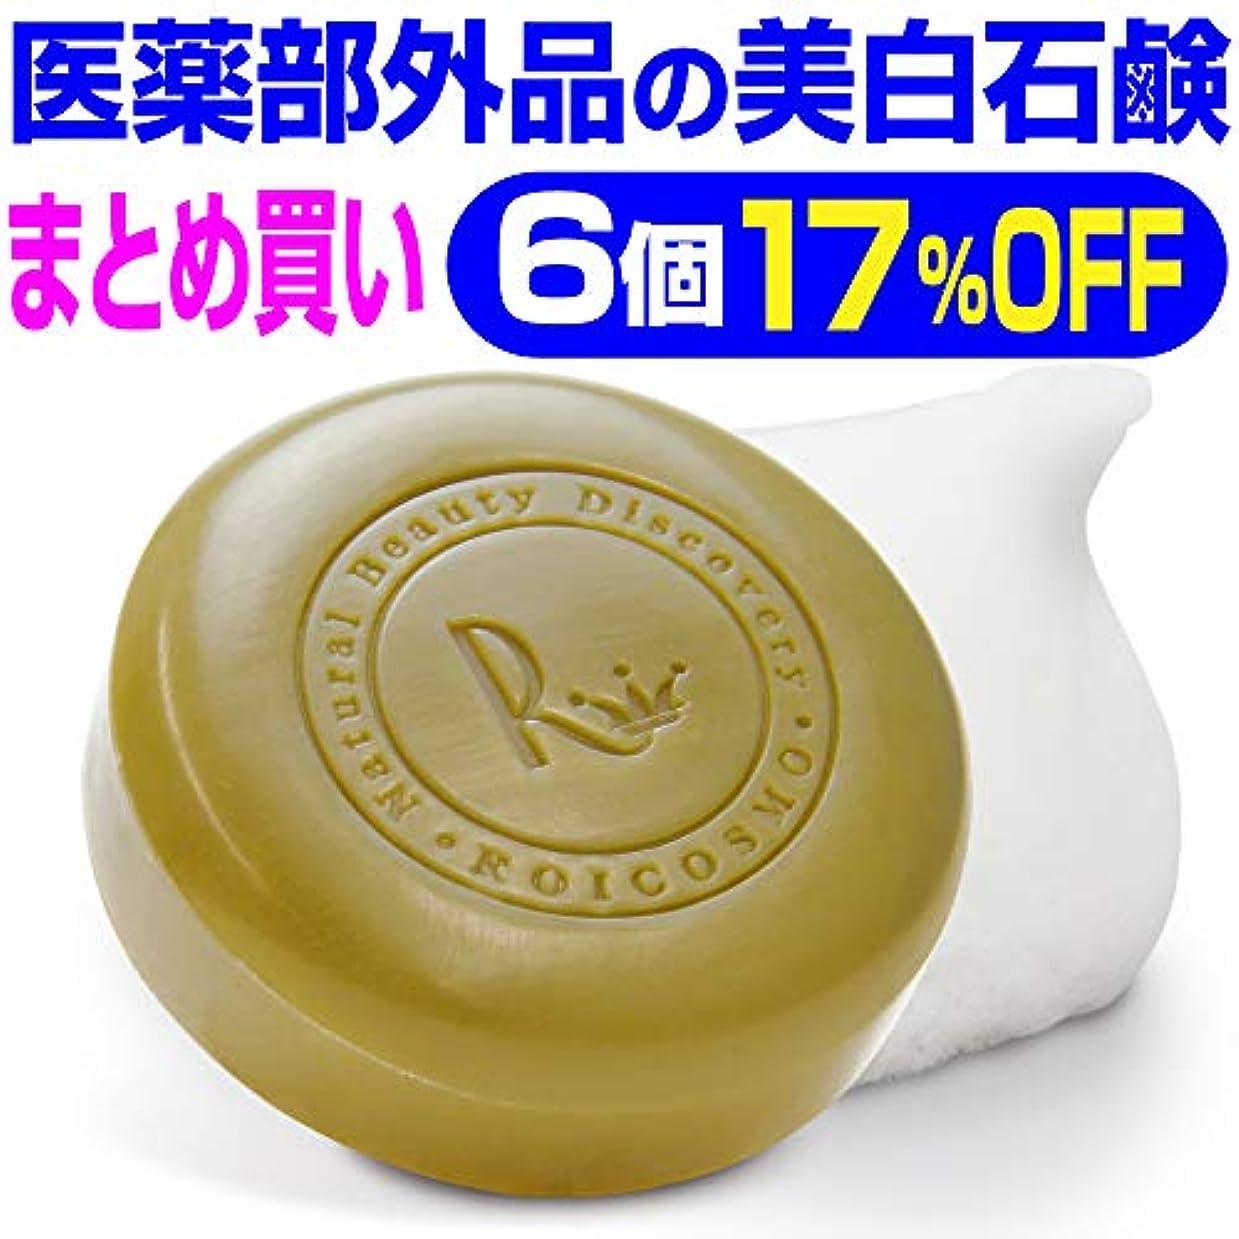 投資するスクラブ闇6個まとめ買い17%OFF 美白石鹸/ビタミンC270倍の美白成分配合の 洗顔石鹸『ホワイトソープ100g×6個』